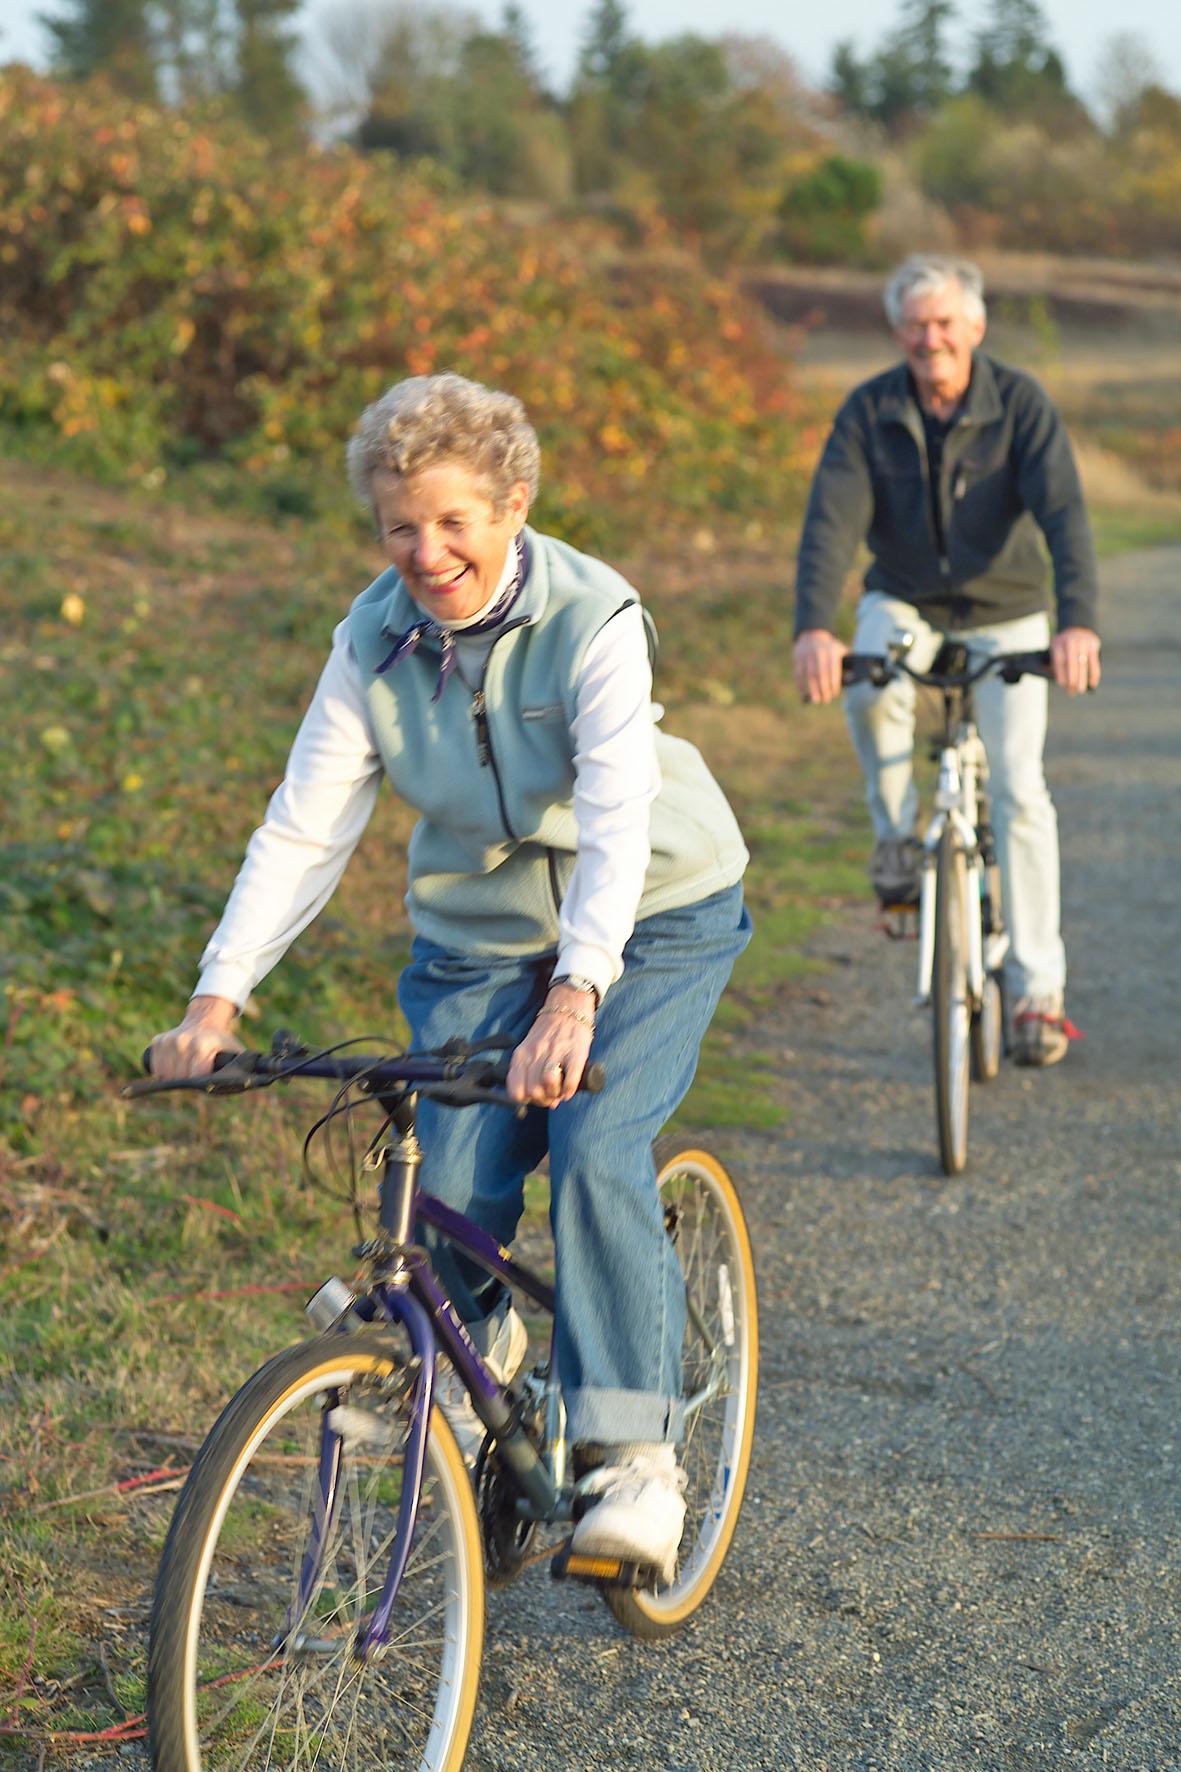 Radfahren gehört zu den gelenkschonenden Vereinssport arten